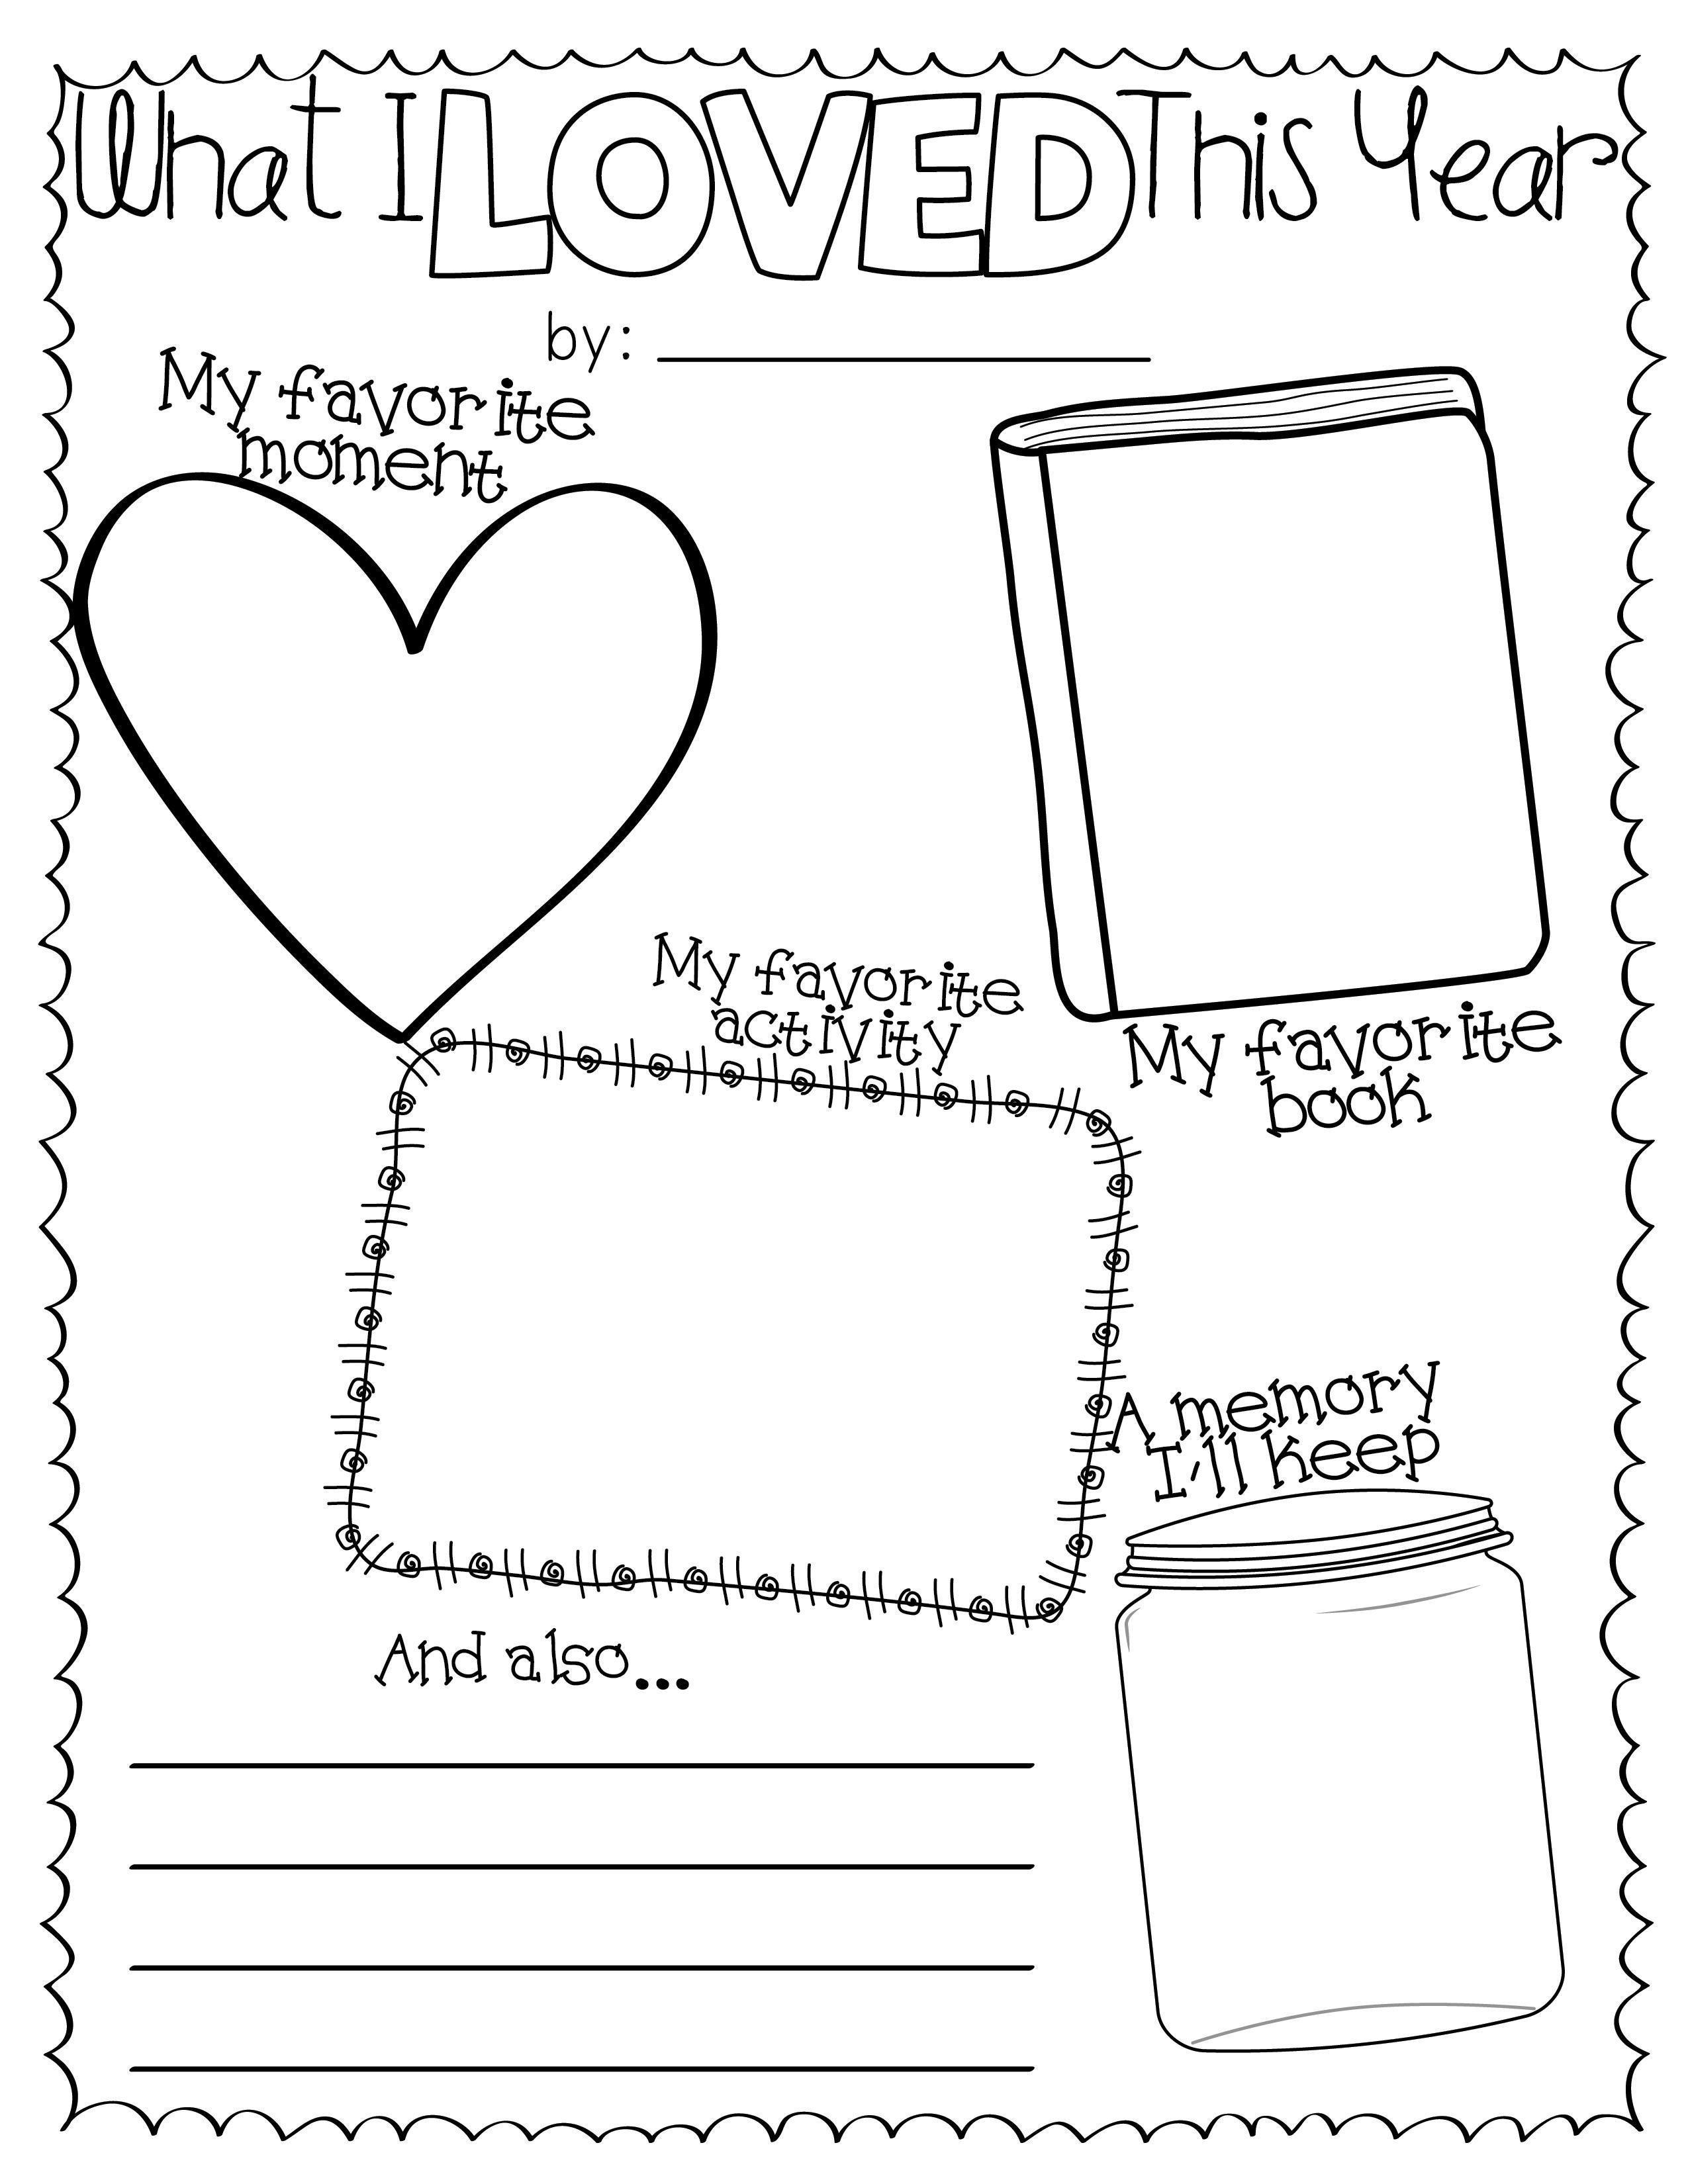 School Worksheets End Of The School Year Worksheets For 2nd Grade 23 End Of The School Year Work Ende Des Schuljahres Zeugnis Grundschule Schule Arbeitsblatter [ 3300 x 2550 Pixel ]